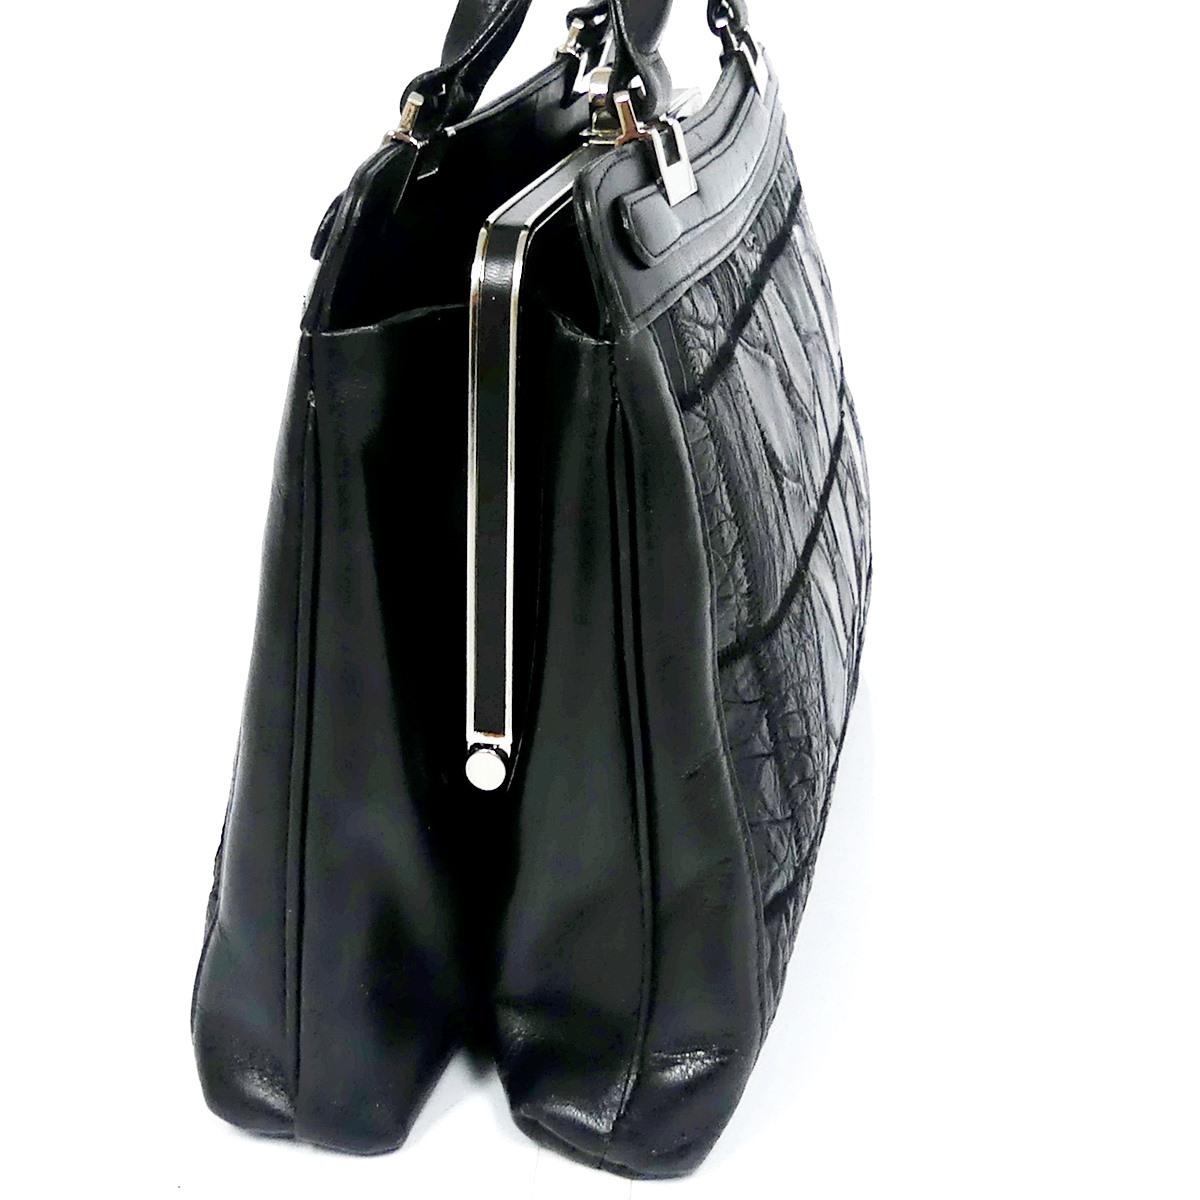 即決★N.B.★レザーハンドバッグ パッチワーク クロコ型押し メンズ 黒 本革 トートバッグ 本皮 かばん 鞄 レディース 手提げバッグ_画像4